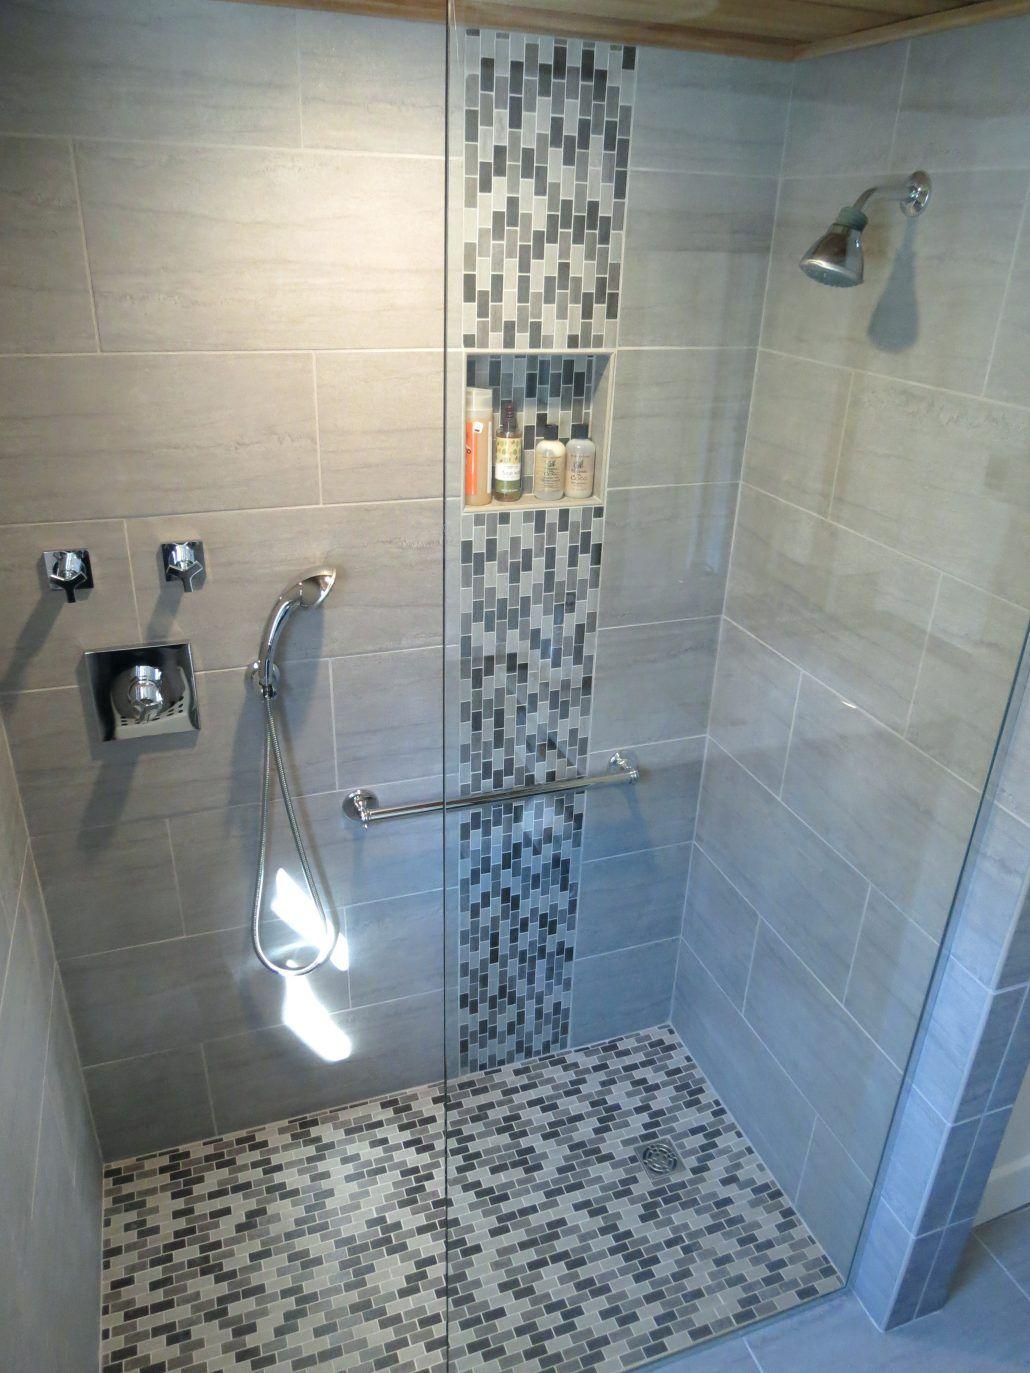 Tiles Glass Subway Tile Shower Ideas Glass Tile Shower Wall Full Size Of Bathroomglass Tile Backsplash Bath Shower Floor Tile Bathroom Shower Tile Shower Floor